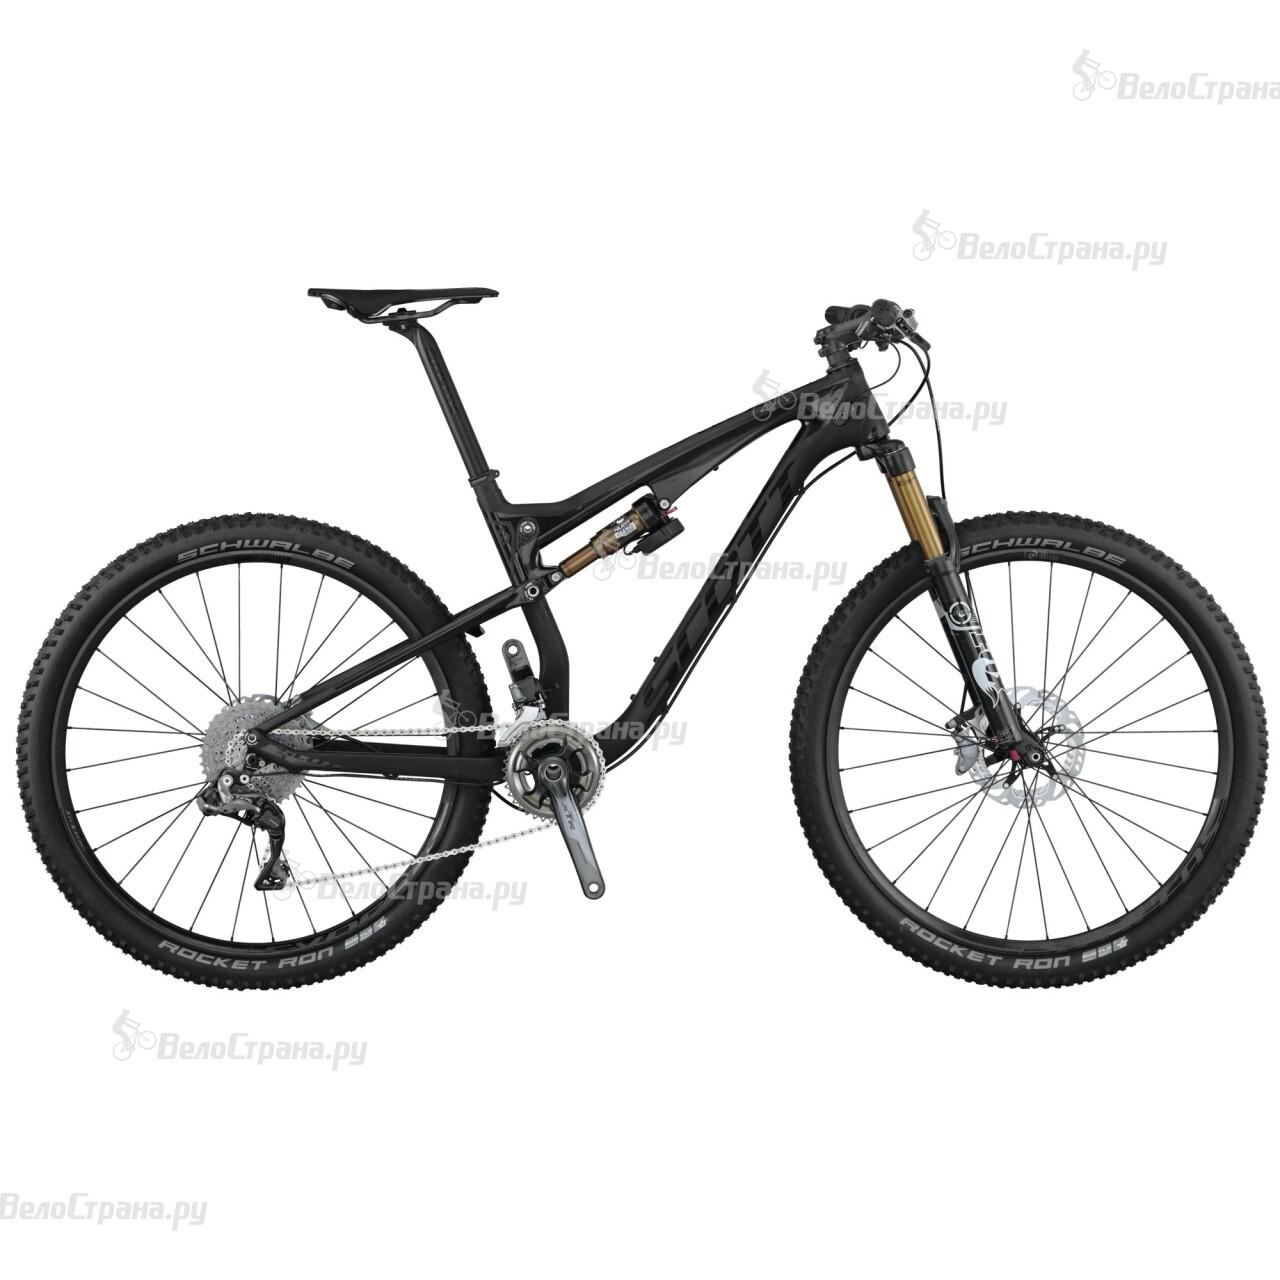 Велосипед Scott SPARK 700 ULTIMATE DI2 (2015) велосипед scott spark 700 premium 2015